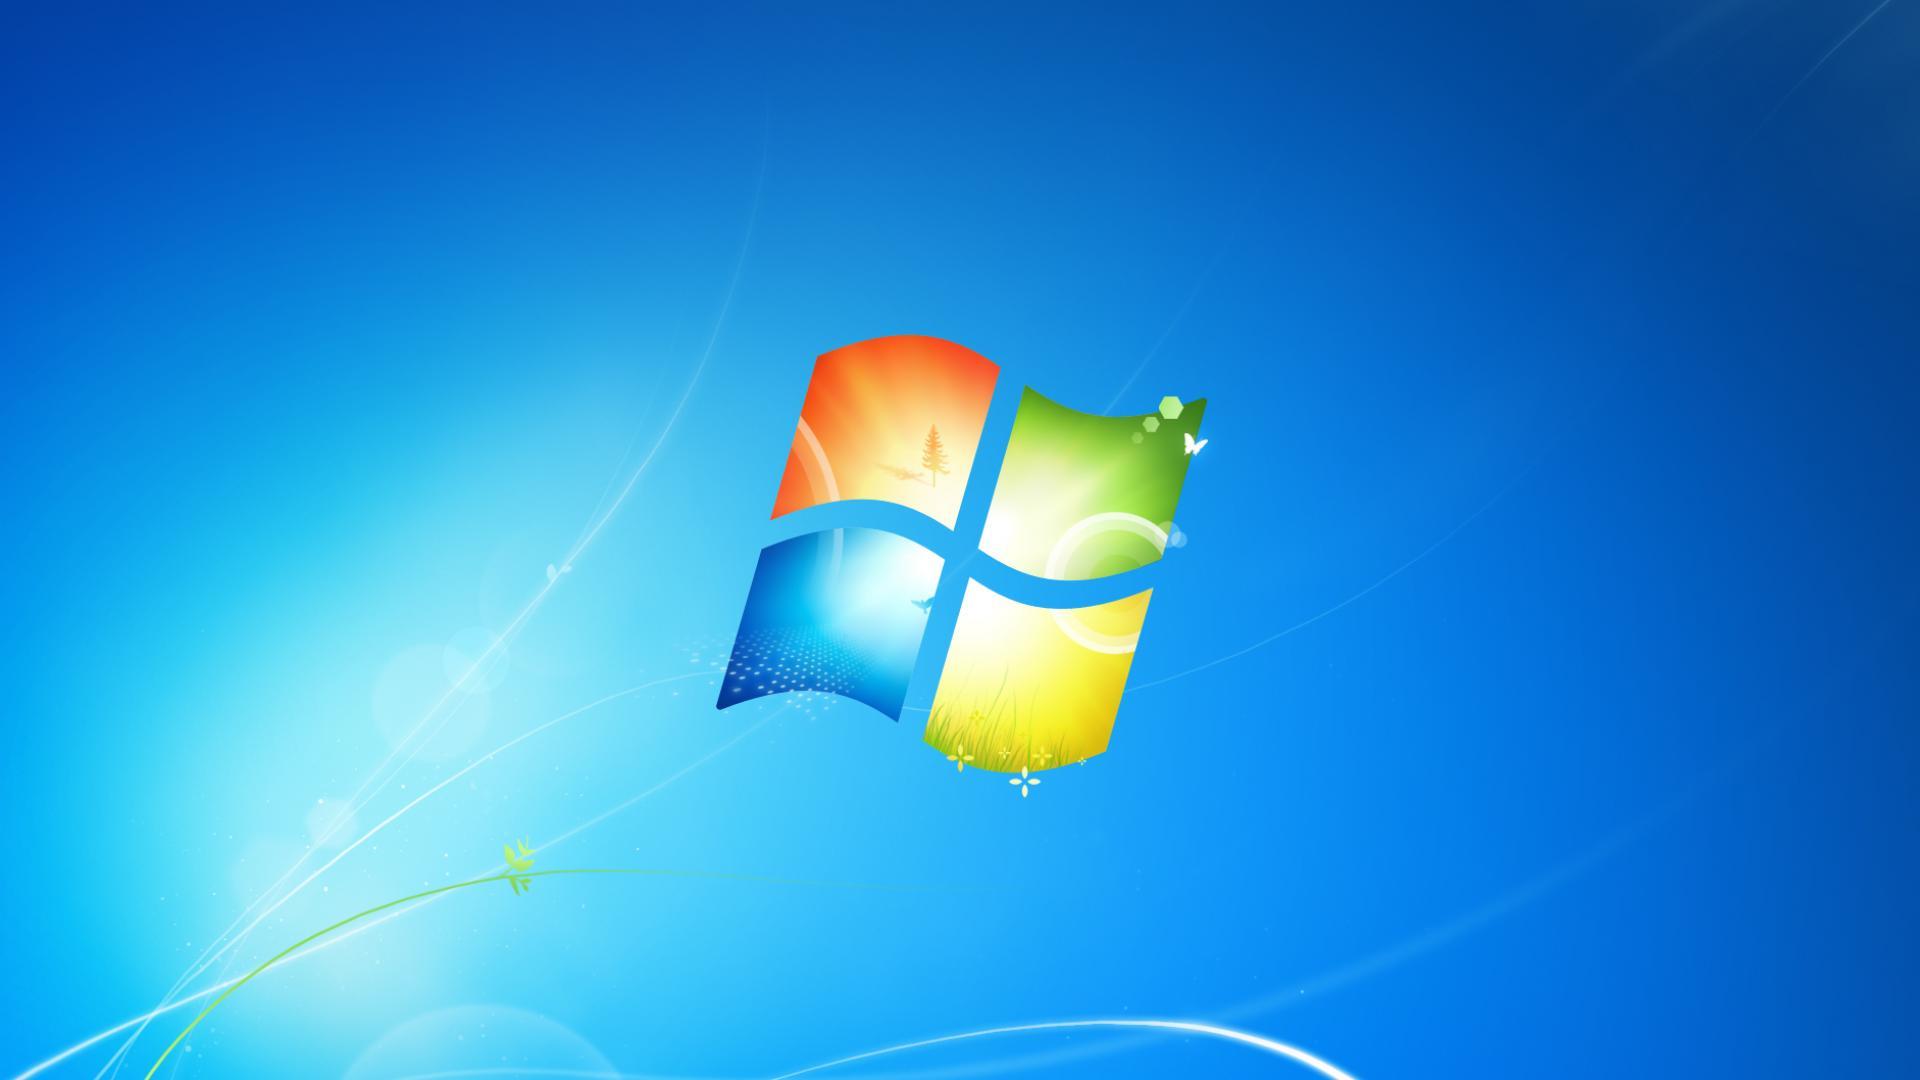 С сегодняшнего дня прекращается поддержка Windows 7